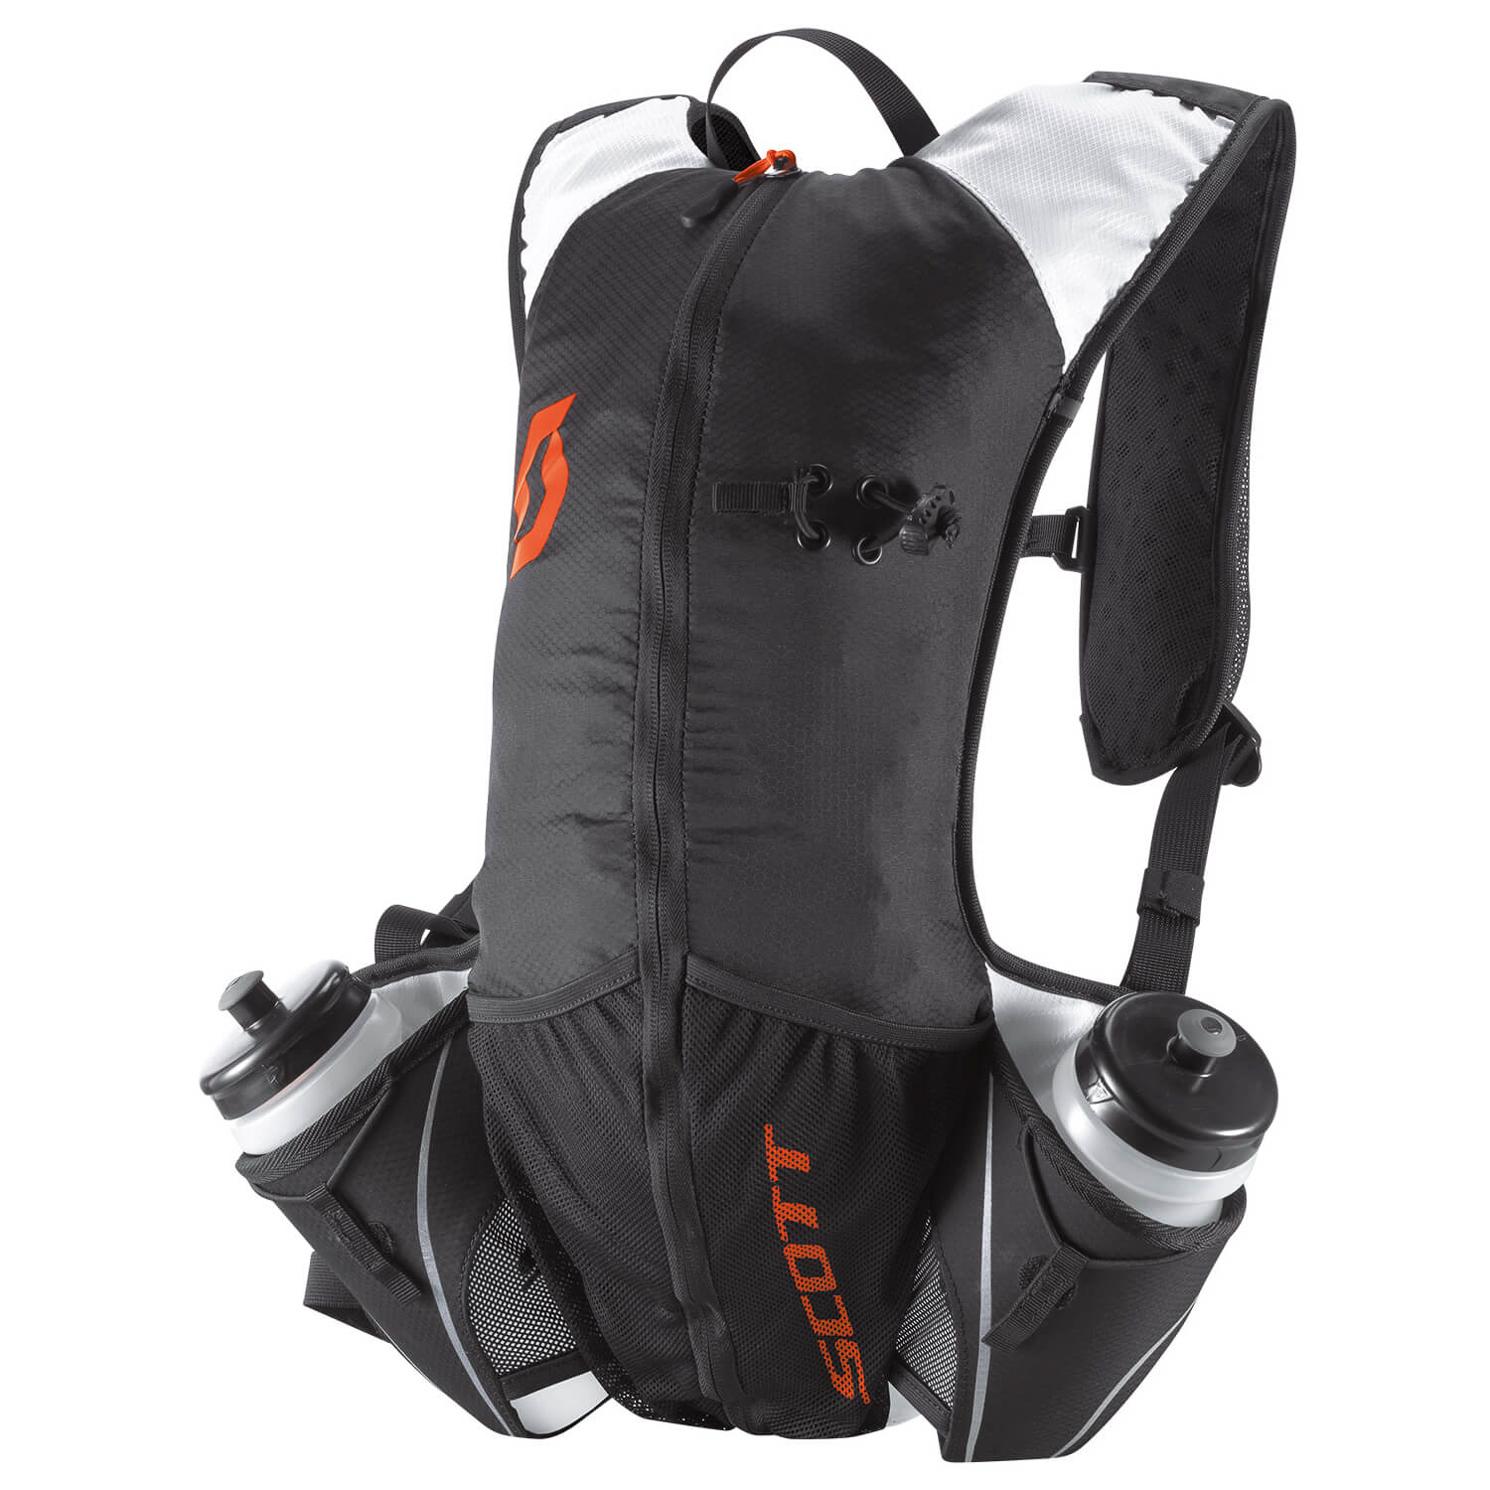 Scott Trail Pack TP 10 - Trail Running Backpack | Buy online ...